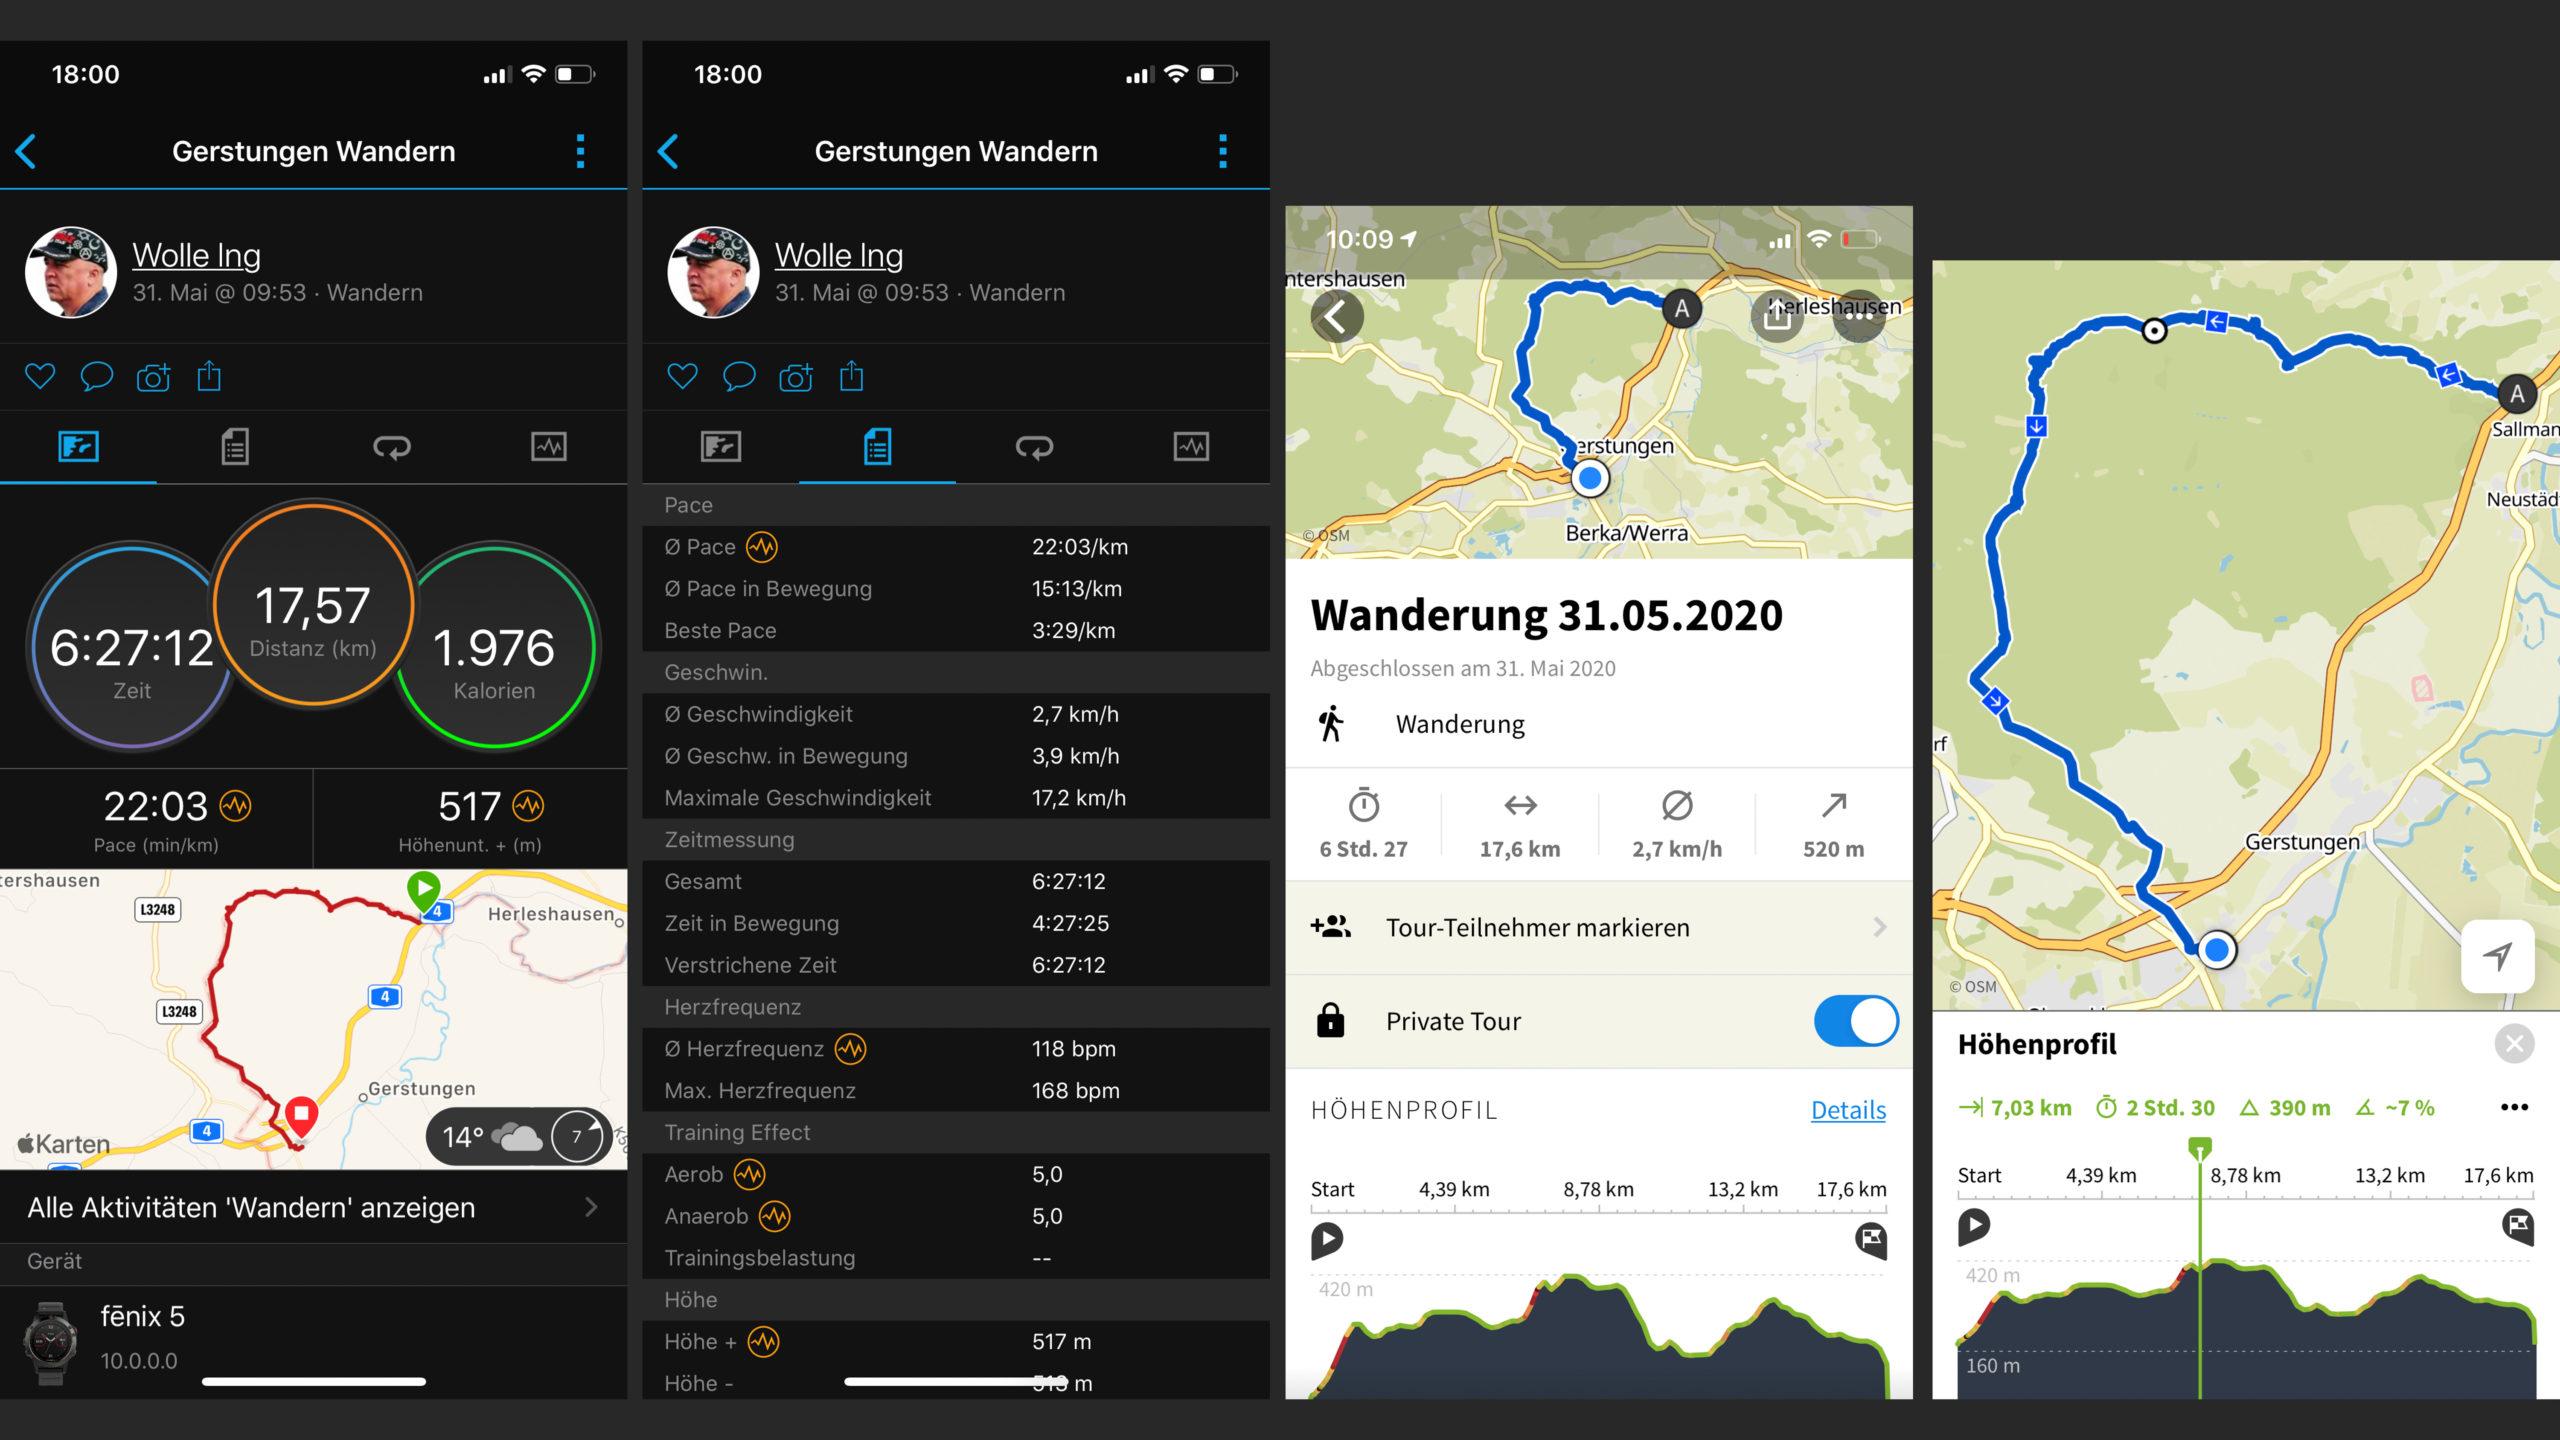 Grenzweg Gerstunger Forst, Tracking-Informationen zur vollständigen Grenzweg-Wanderung